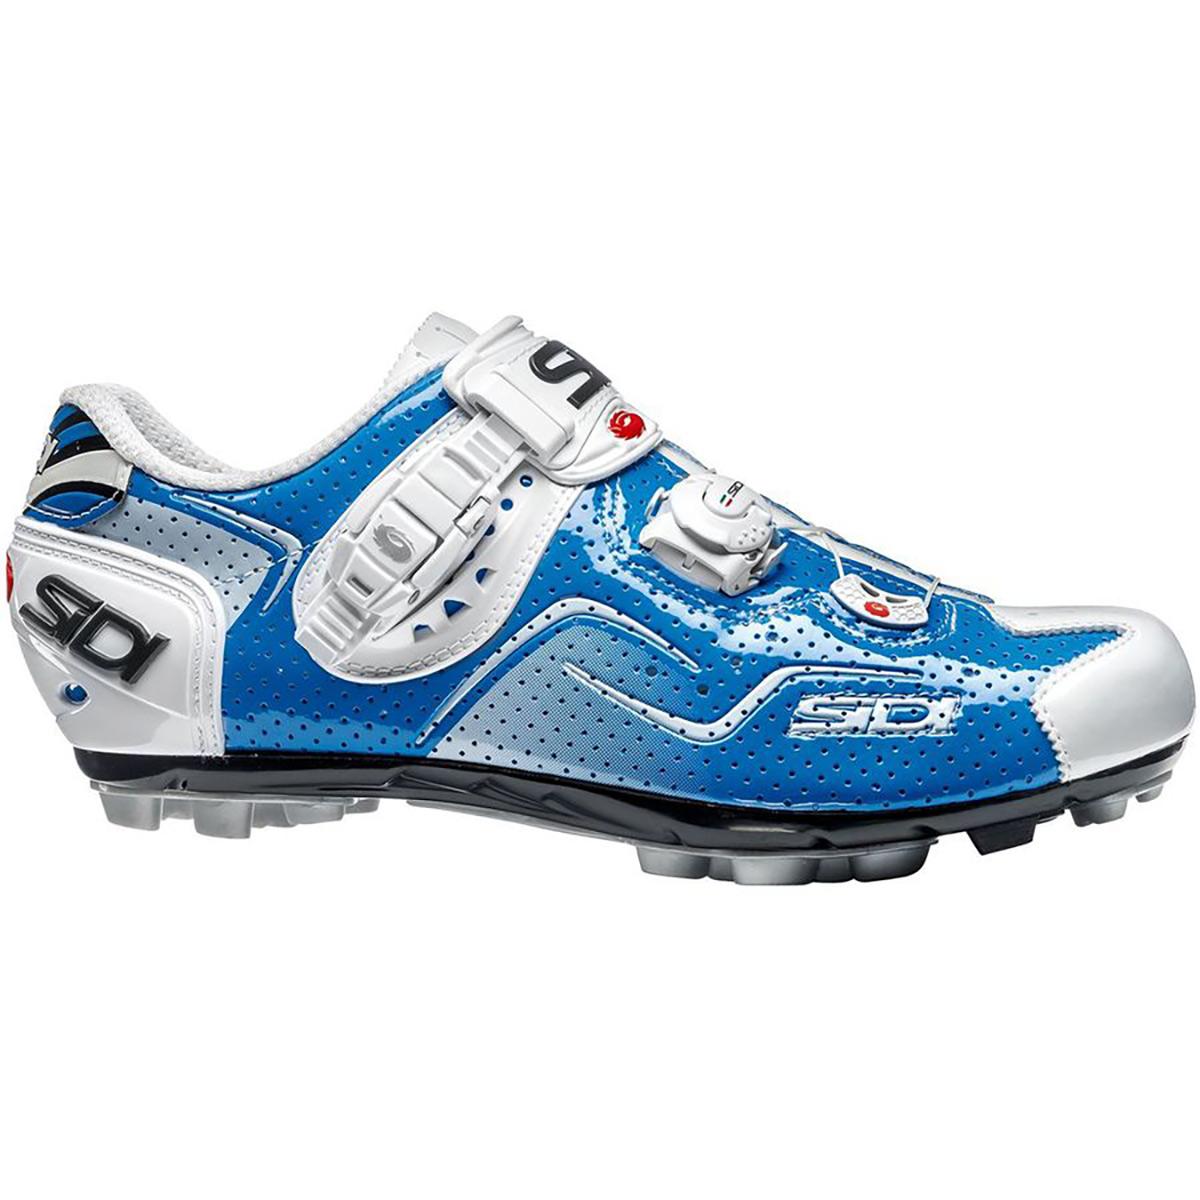 Details about Sidi Cape Air Men's MTB Shoes BlueWhite EU 42